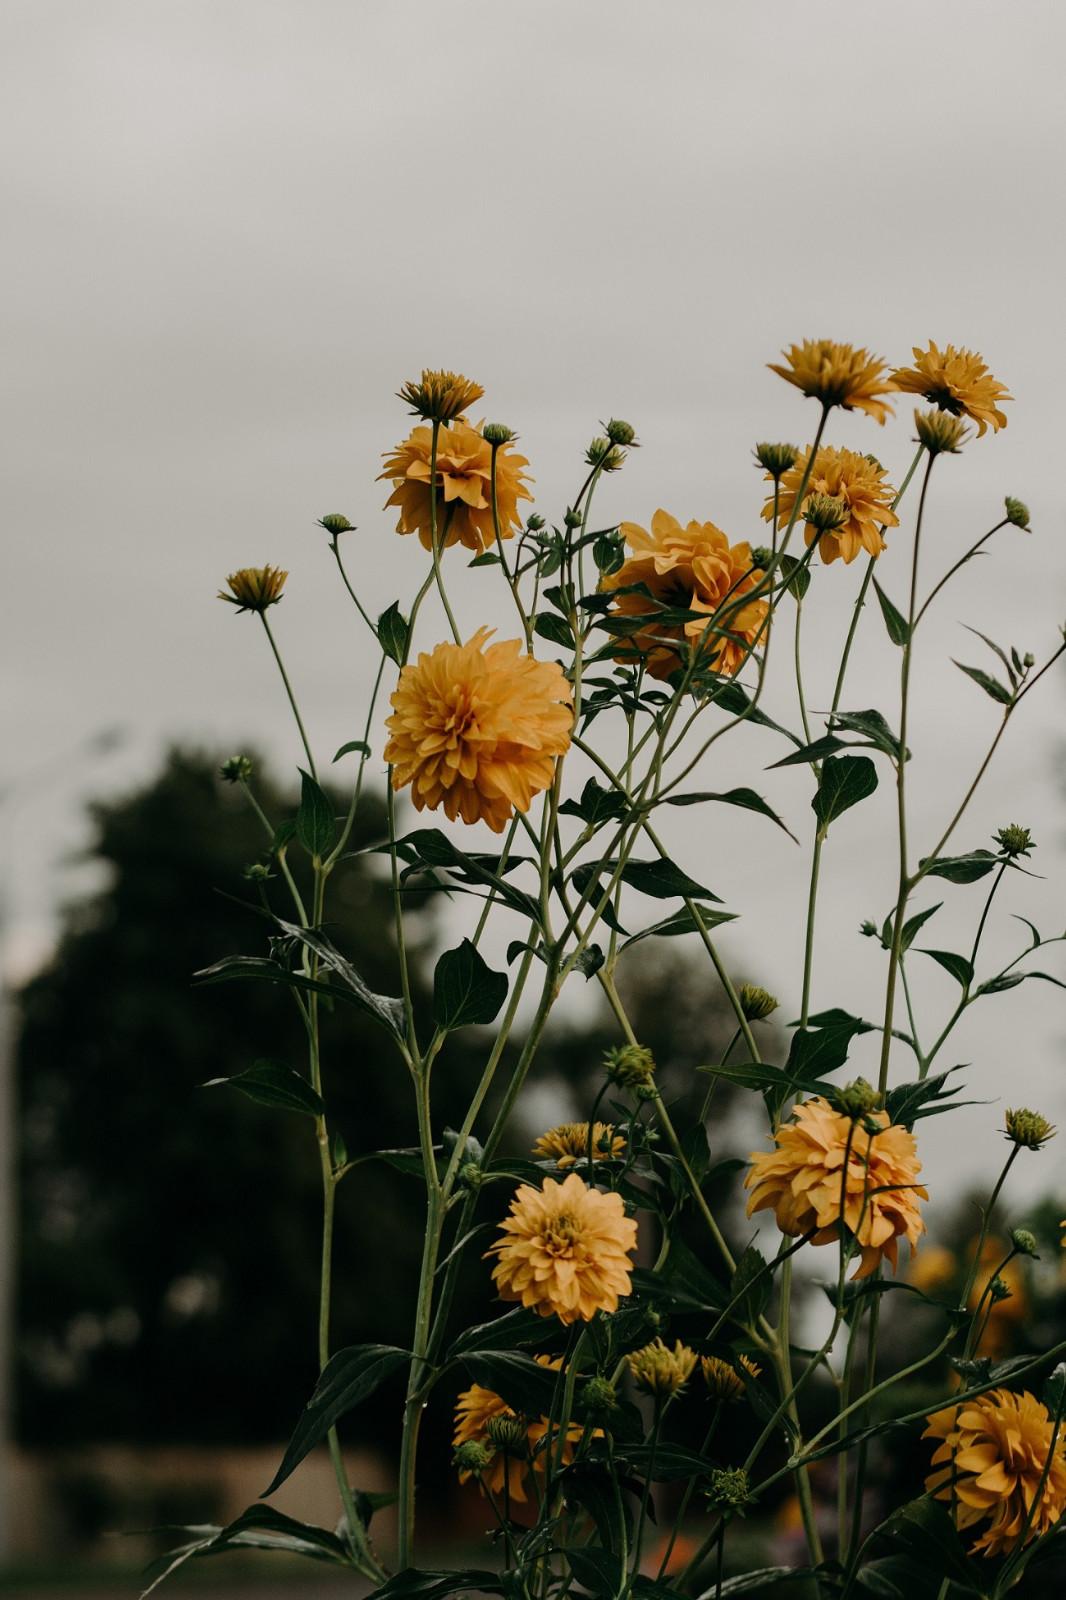 鲜花的图片壁纸唯美小清新,适合当聊天背景